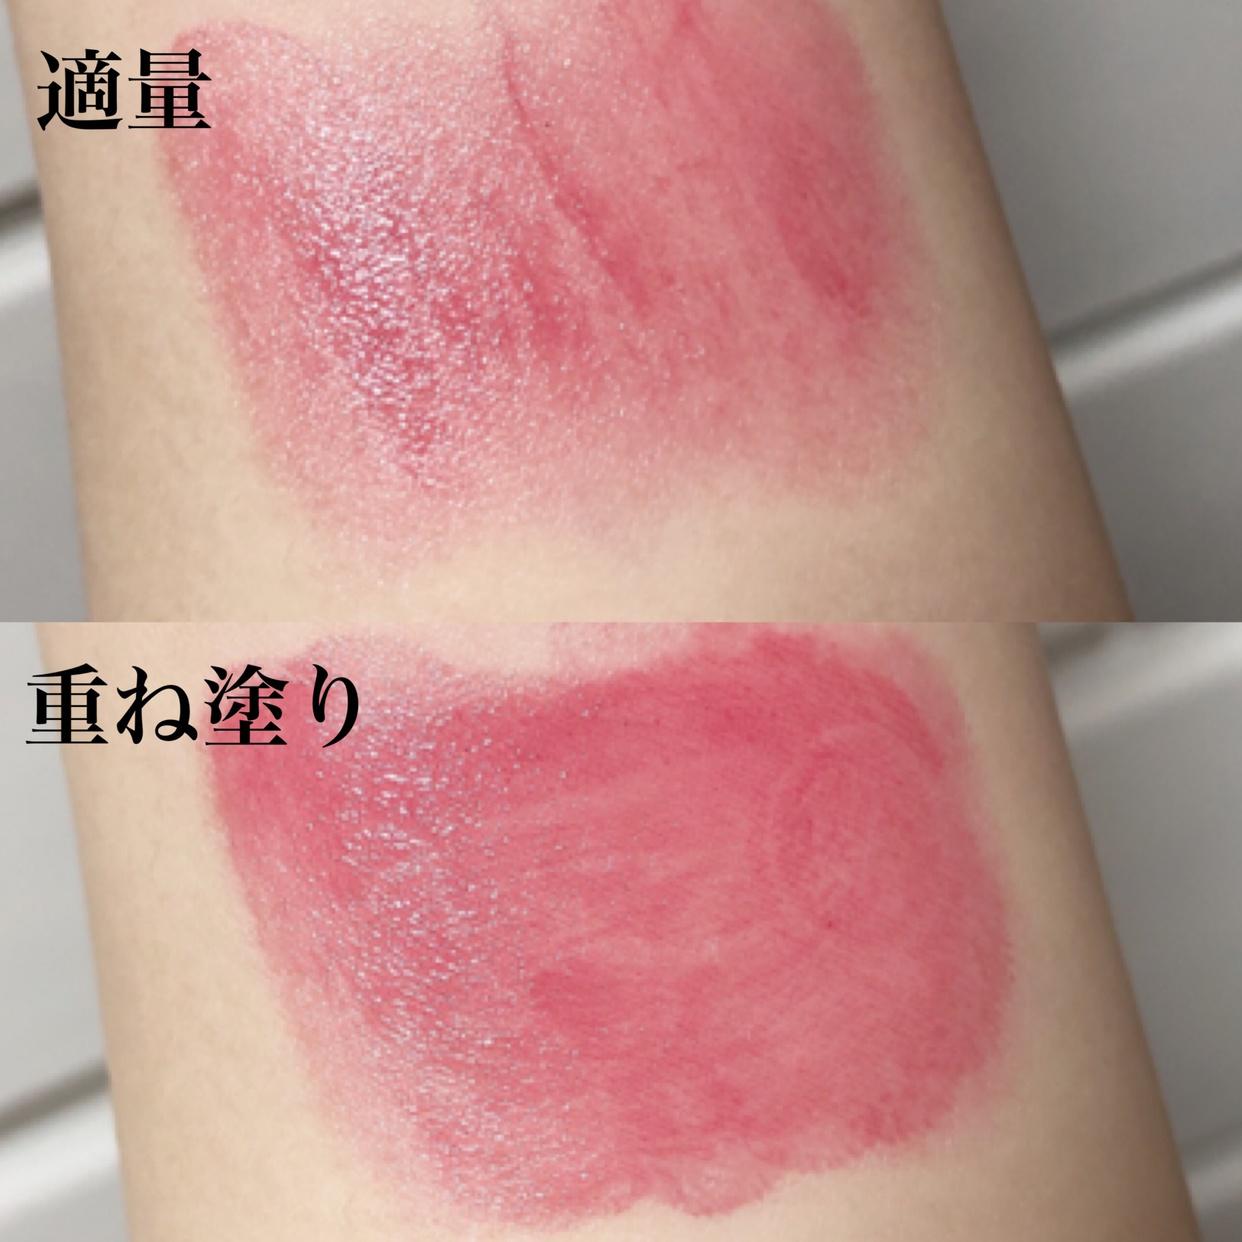 CHANEL(シャネル) レ ベージュ ボーム ア レーヴルを使った桜羽さんのクチコミ画像1